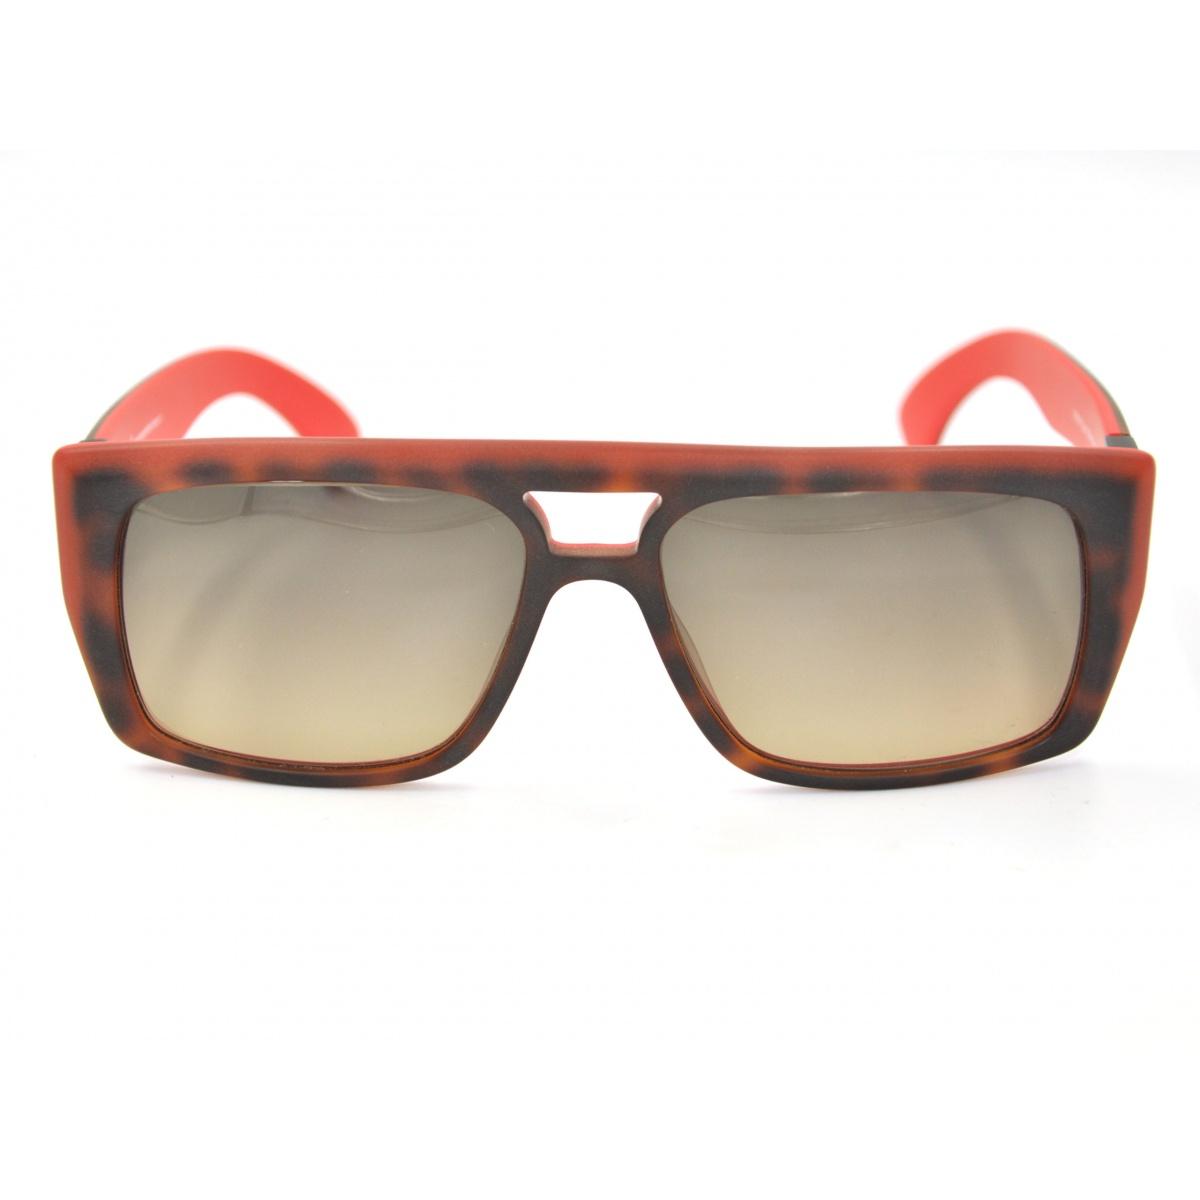 IYOKO INYAKE IY616 119A Sunglasses 2018